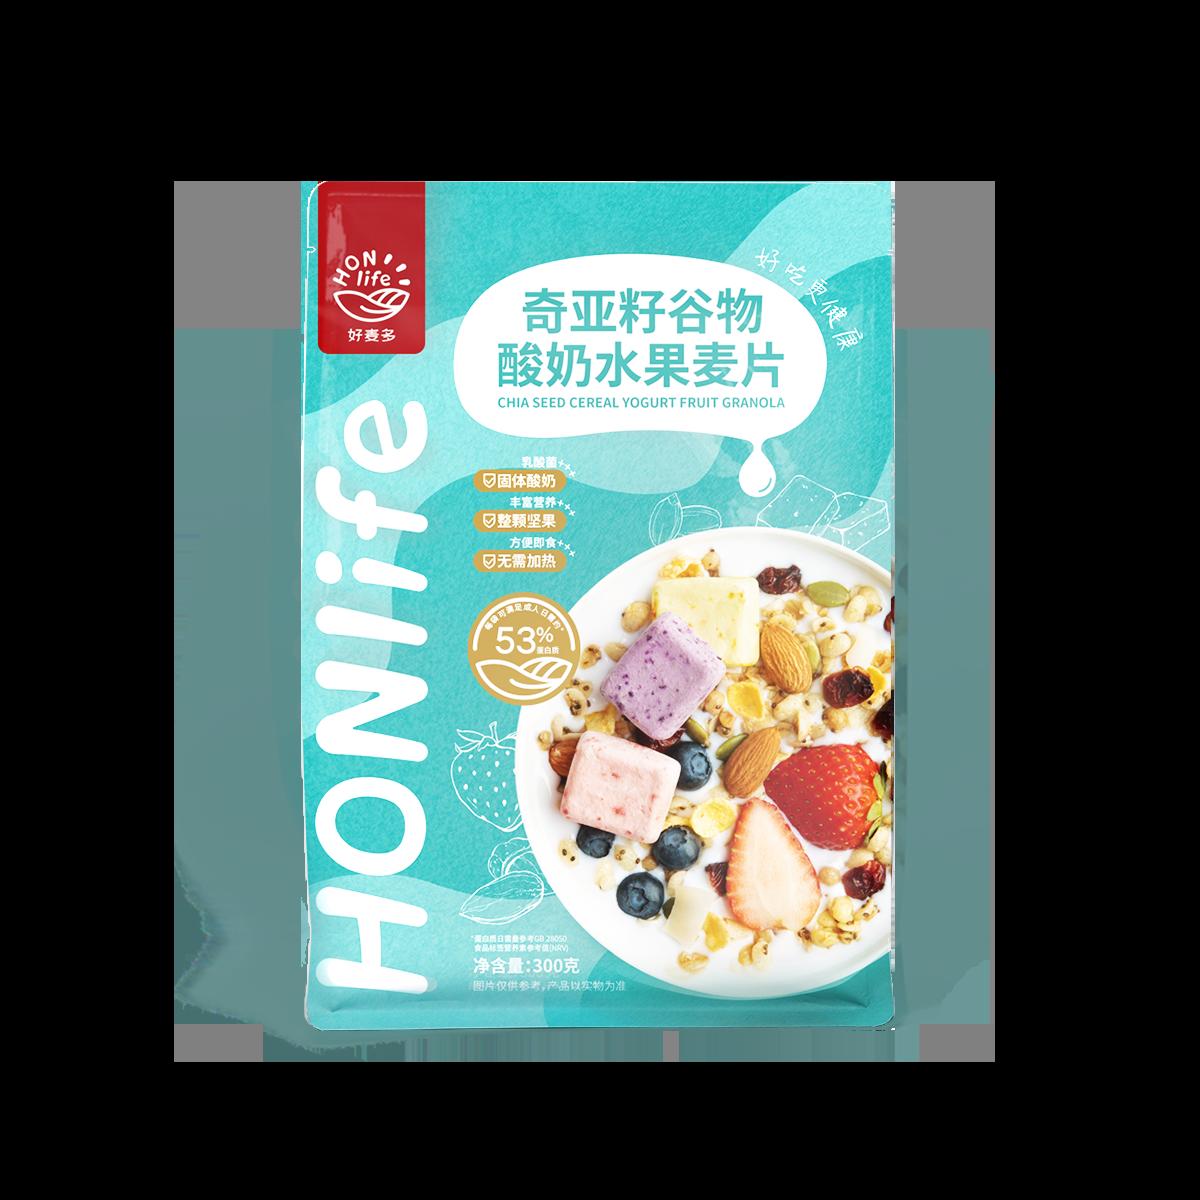 好麦多/Honlife奇亚籽酸奶水果麦片 1袋装300g